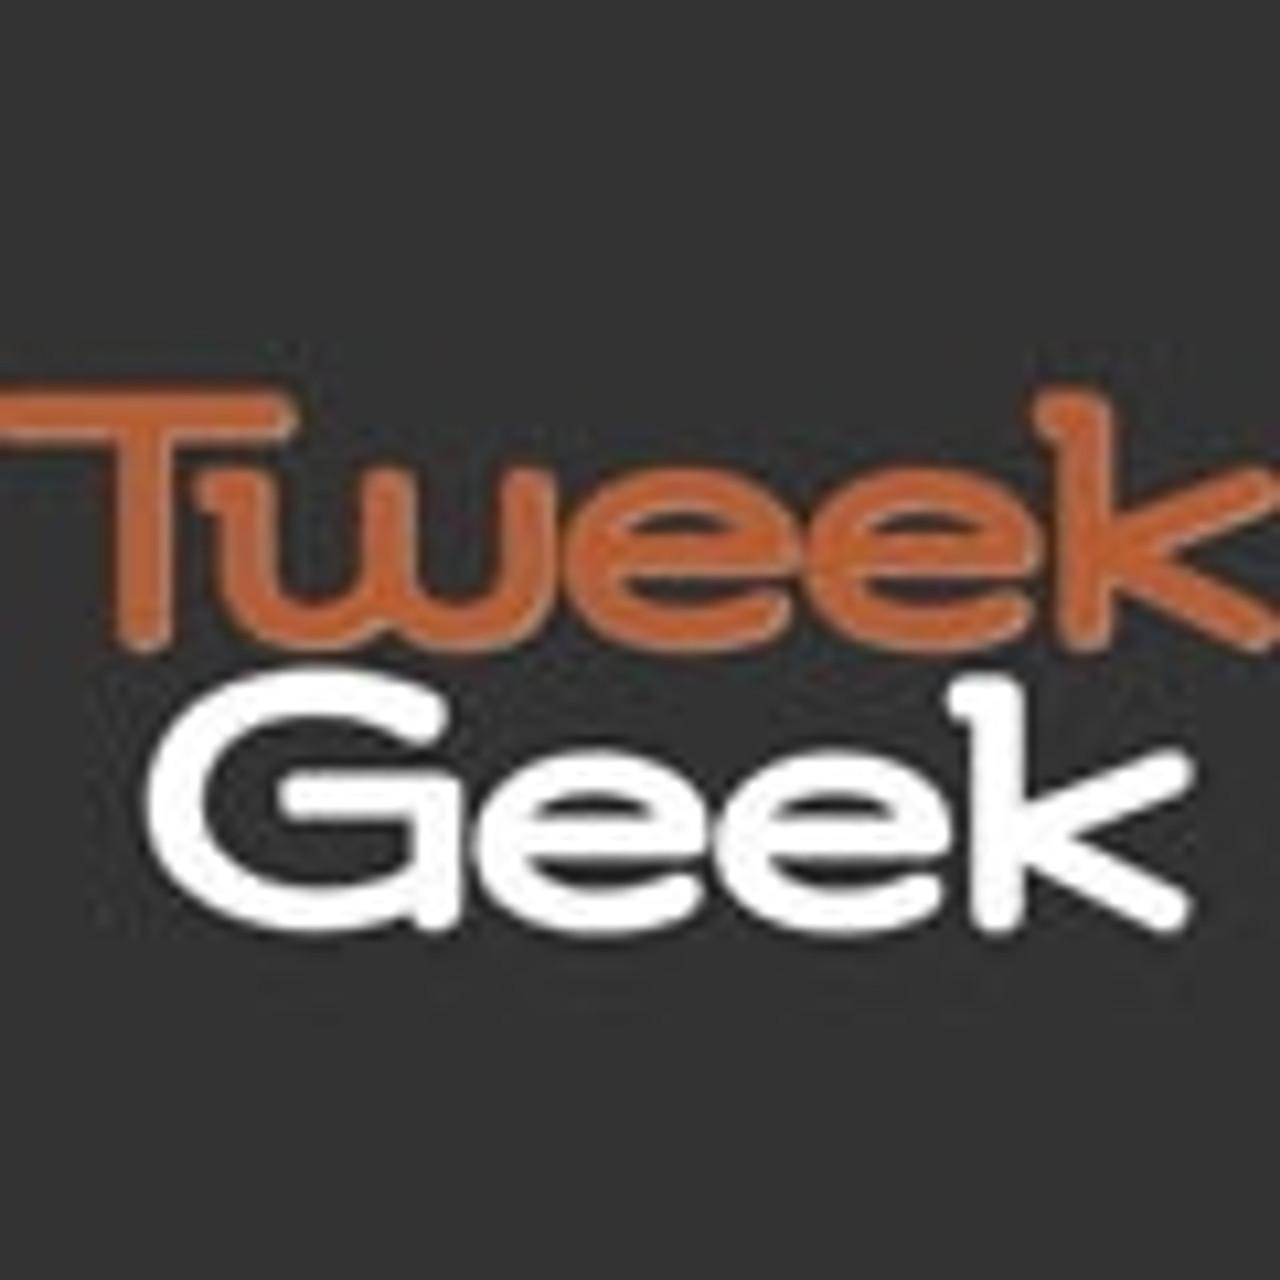 Tweek Geek